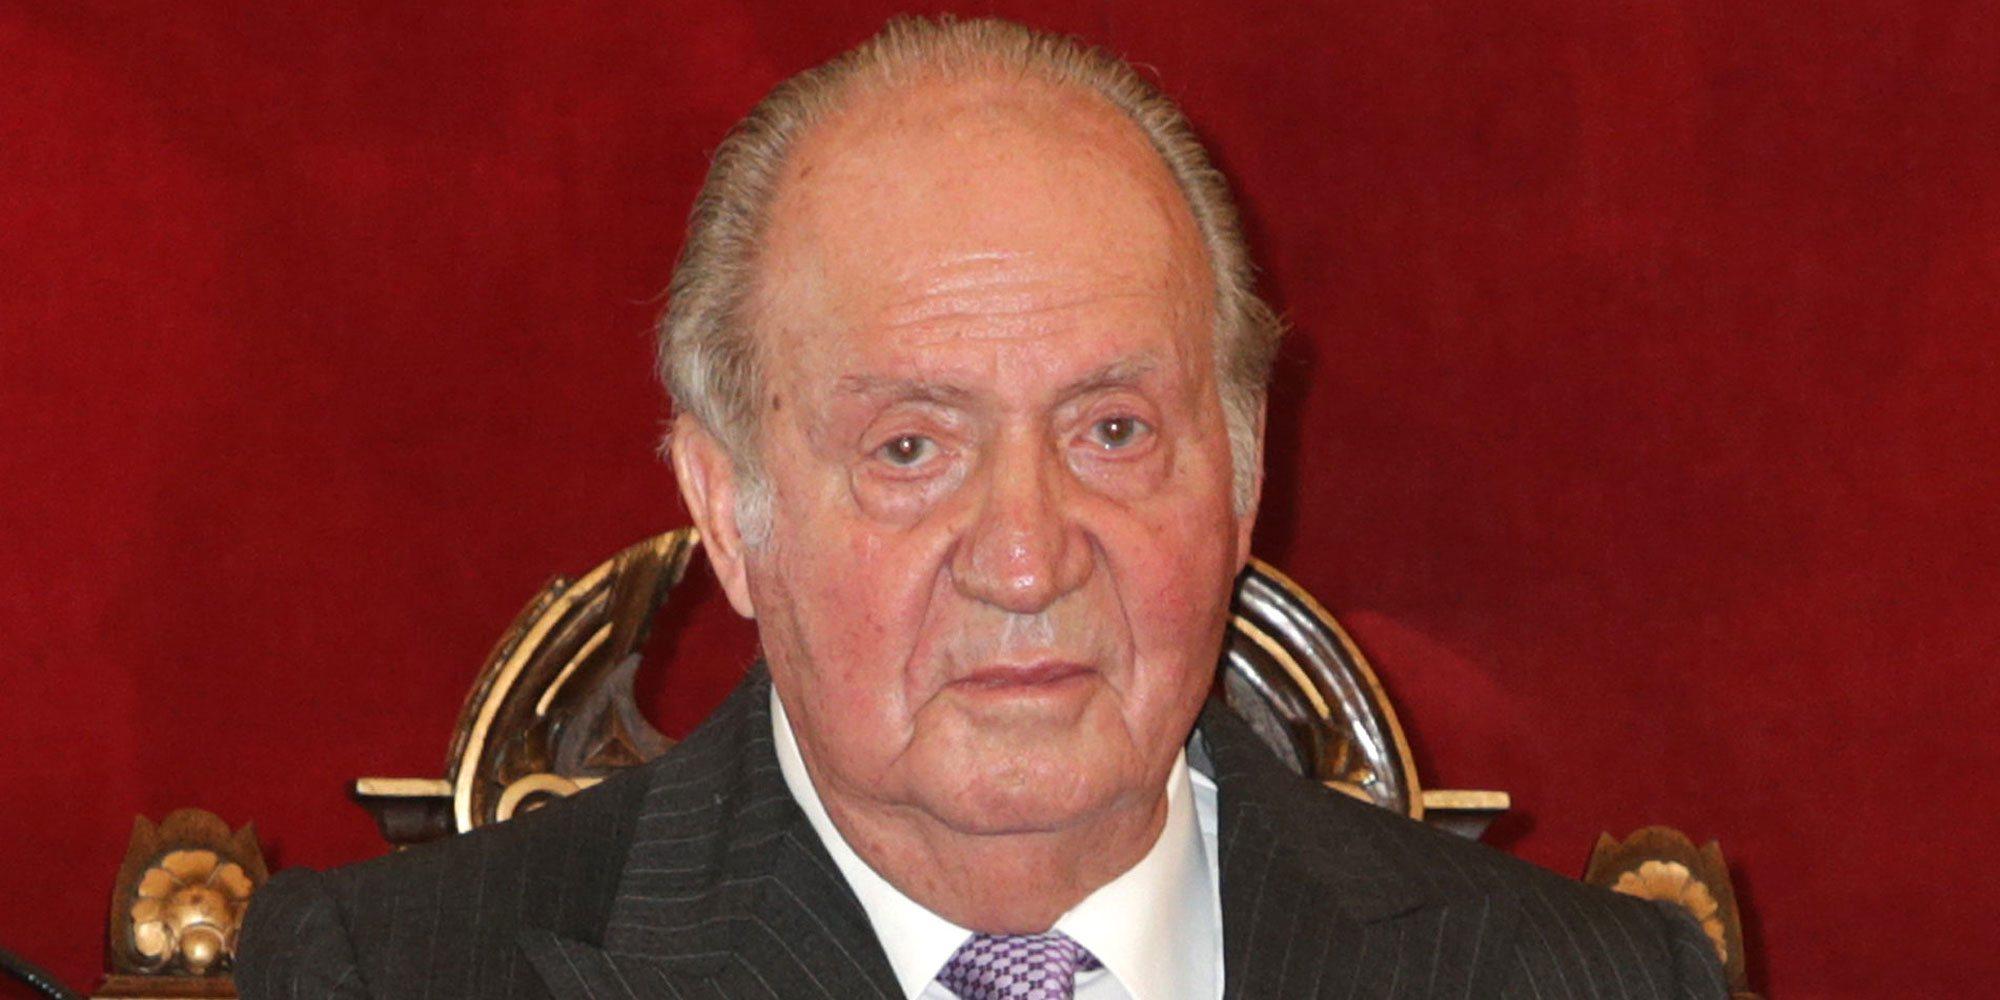 El abogado del Rey Juan Carlos confirma el pago de casi 4,4 millones a Hacienda en su segunda regularización